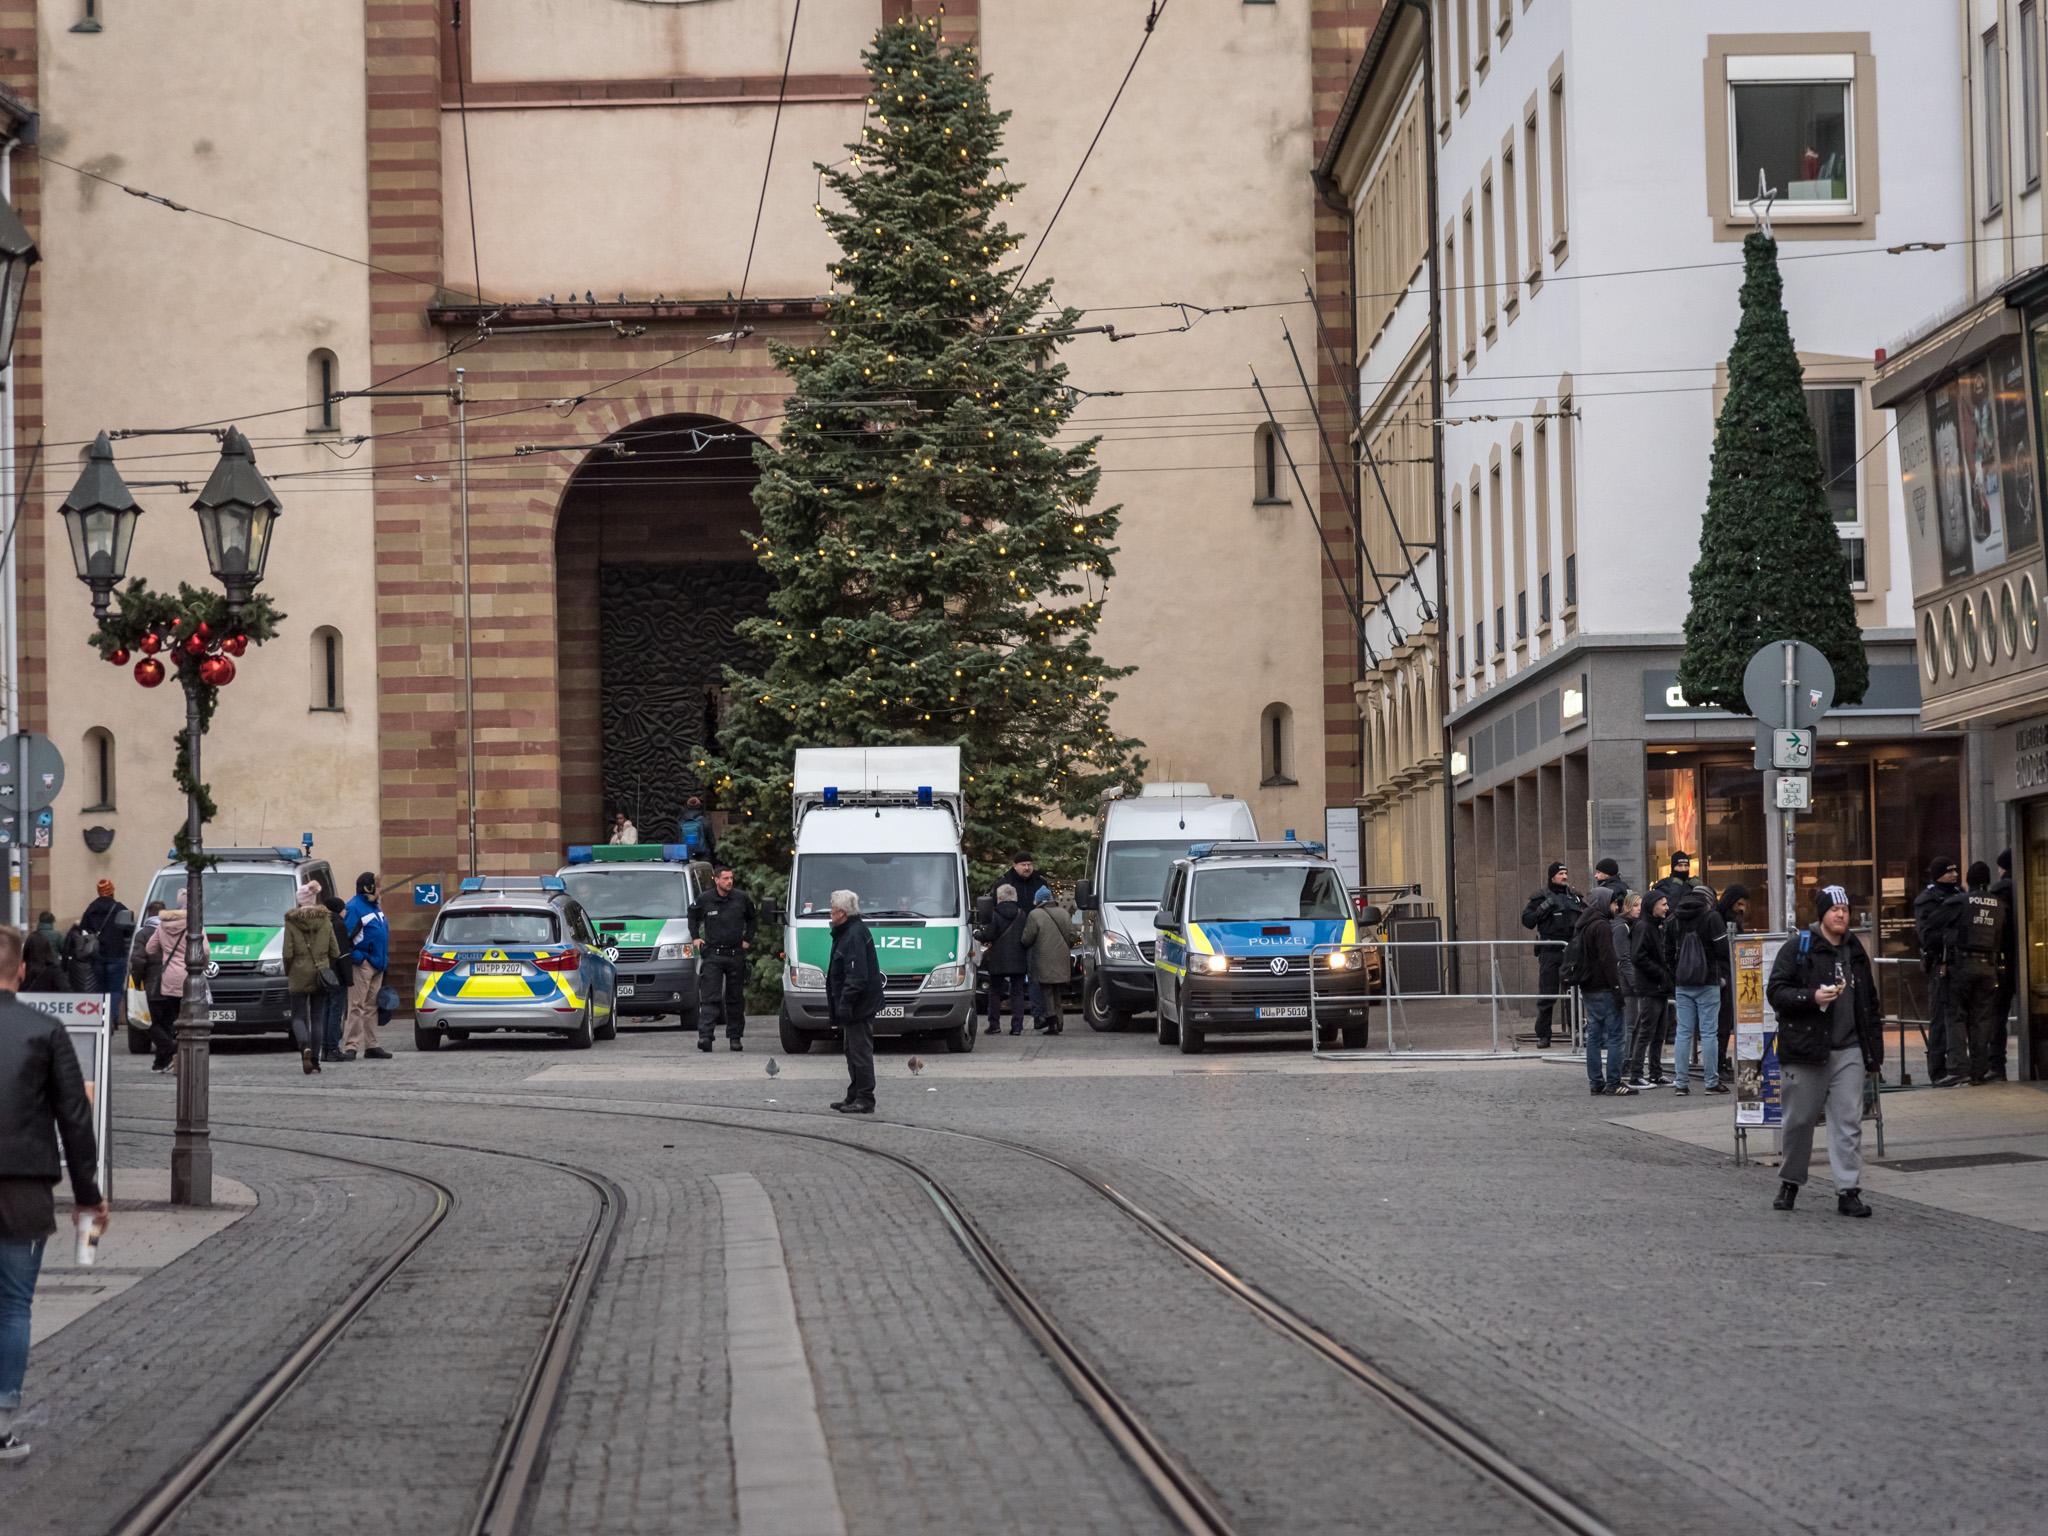 Die Würzburger Polizei hatte sich auf die Kundgebung gemeinsam mit den Würzburger Sicherheitsbehörden vorbereitet und war mit ausreichend Kräften im Einsatz. Foto: Pascal Höfig